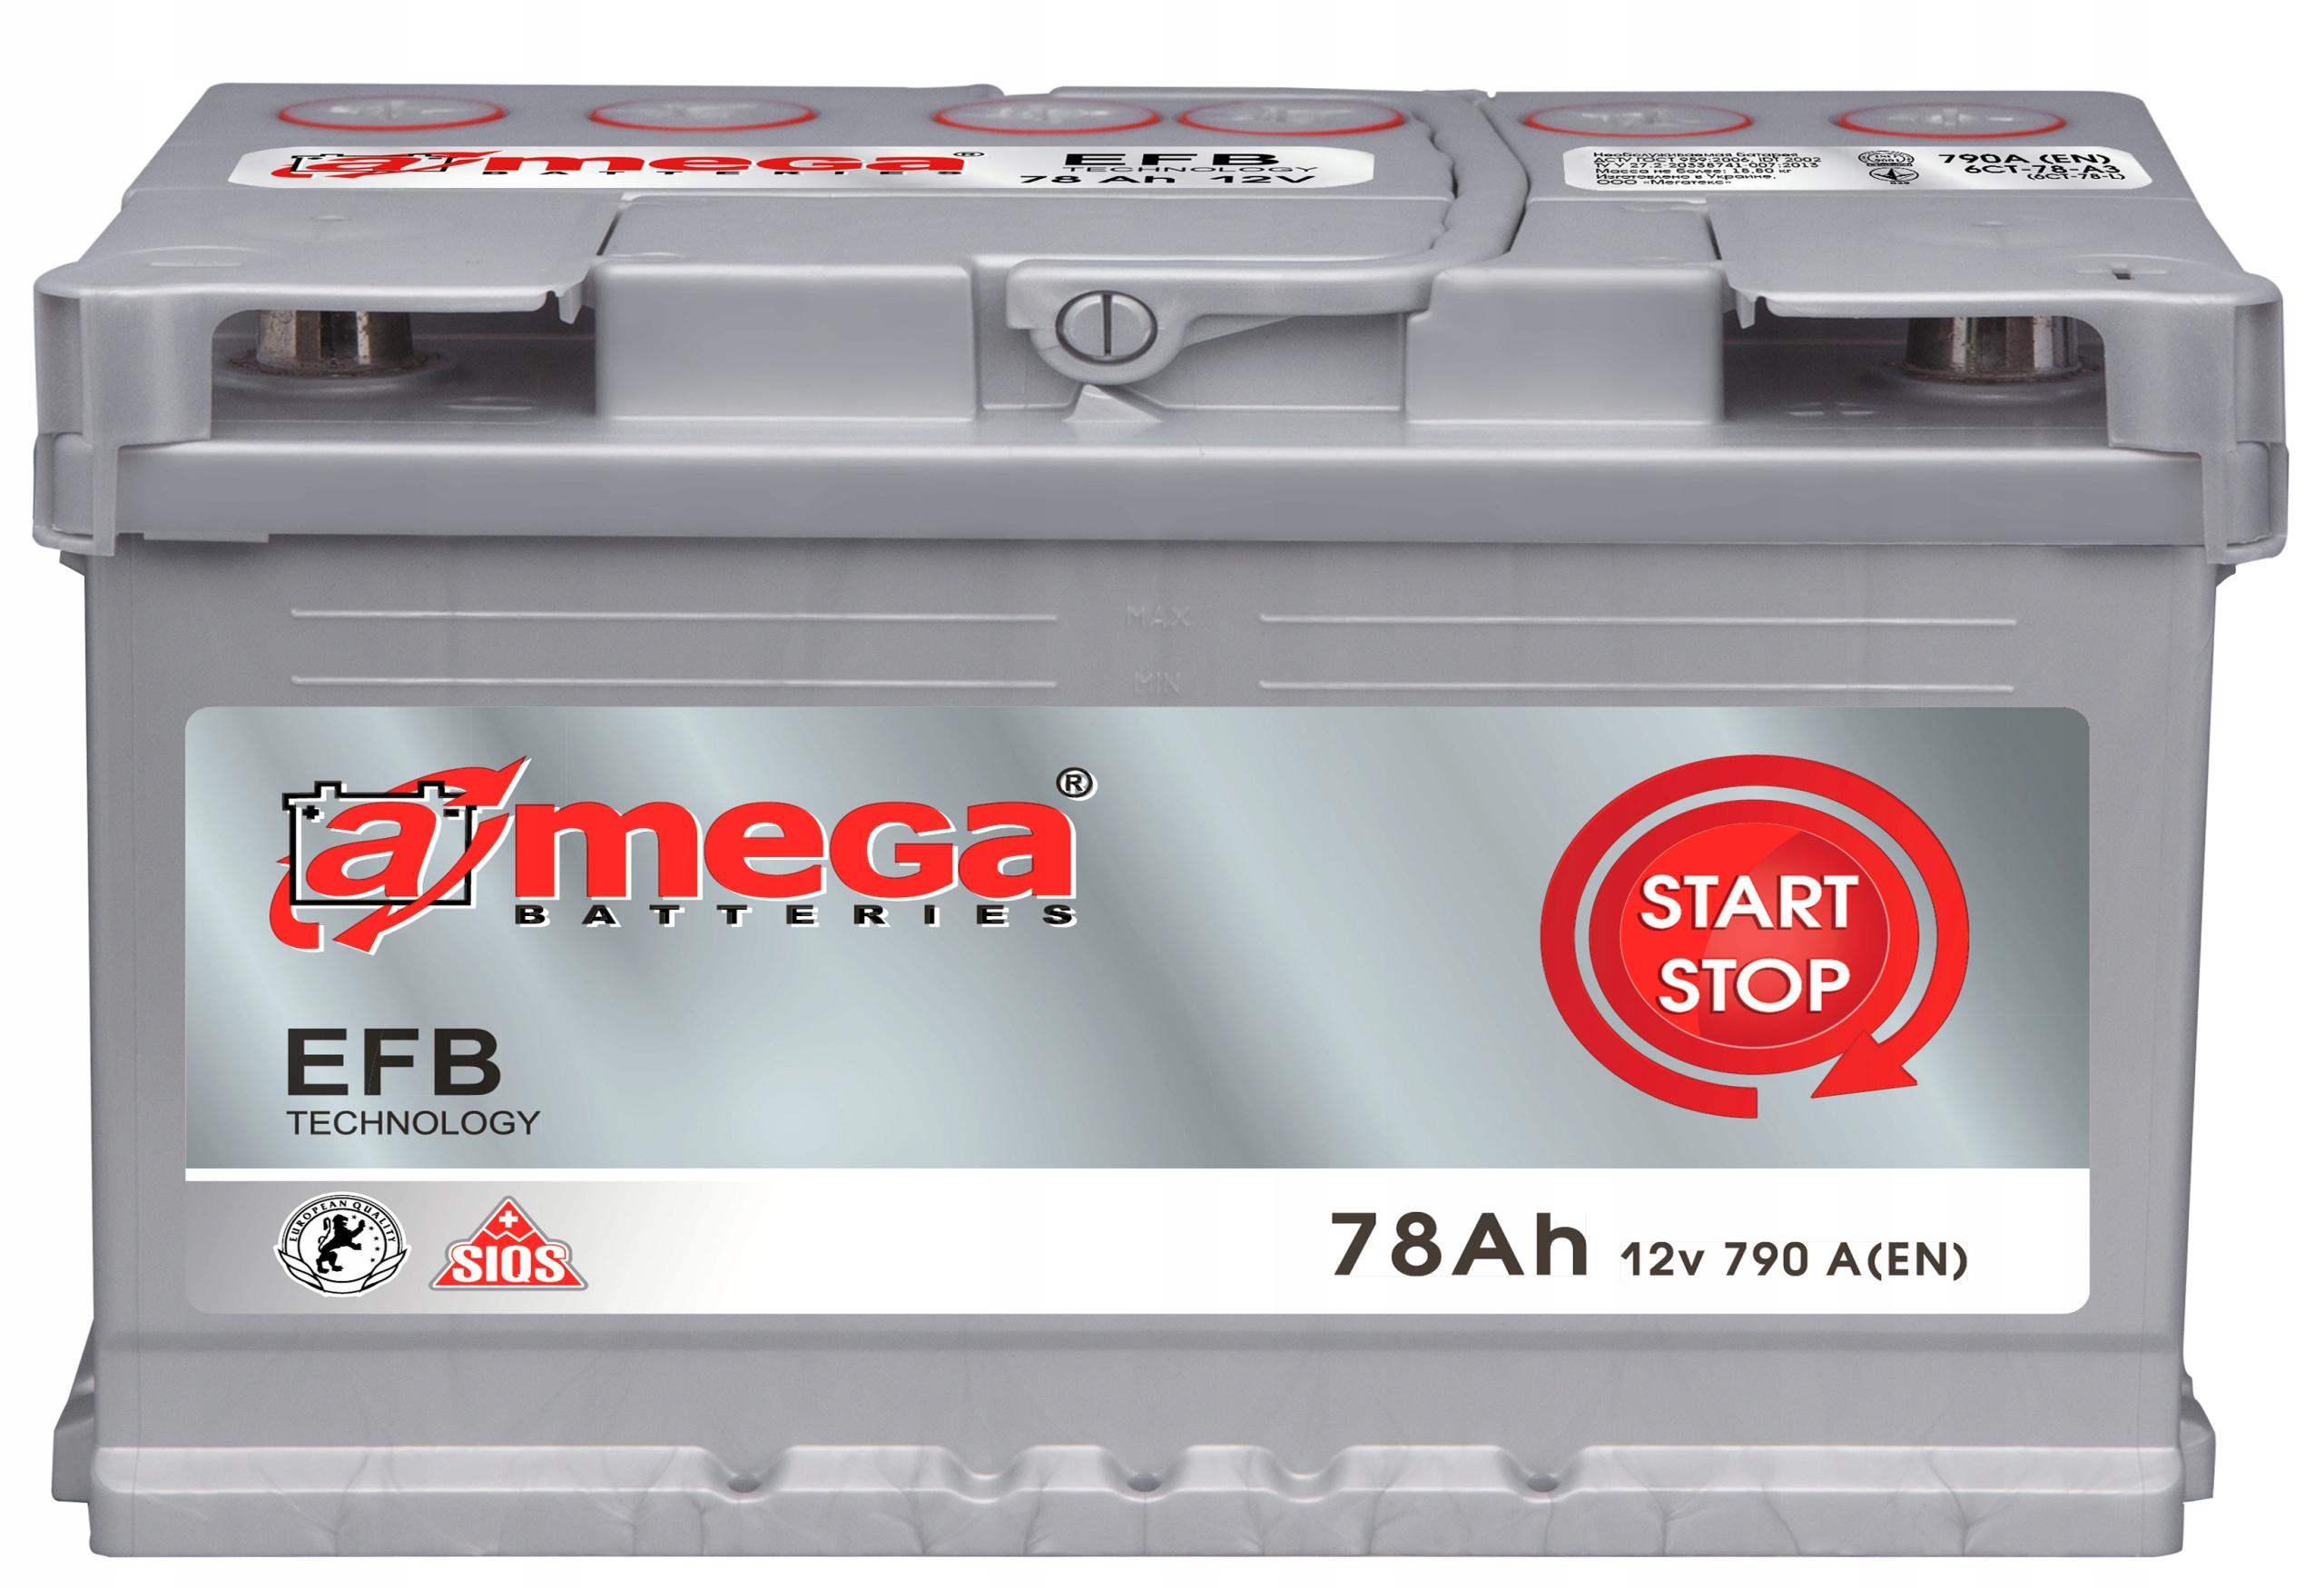 аккумулятор amega efb пуск стоп 12v 78ah 790a